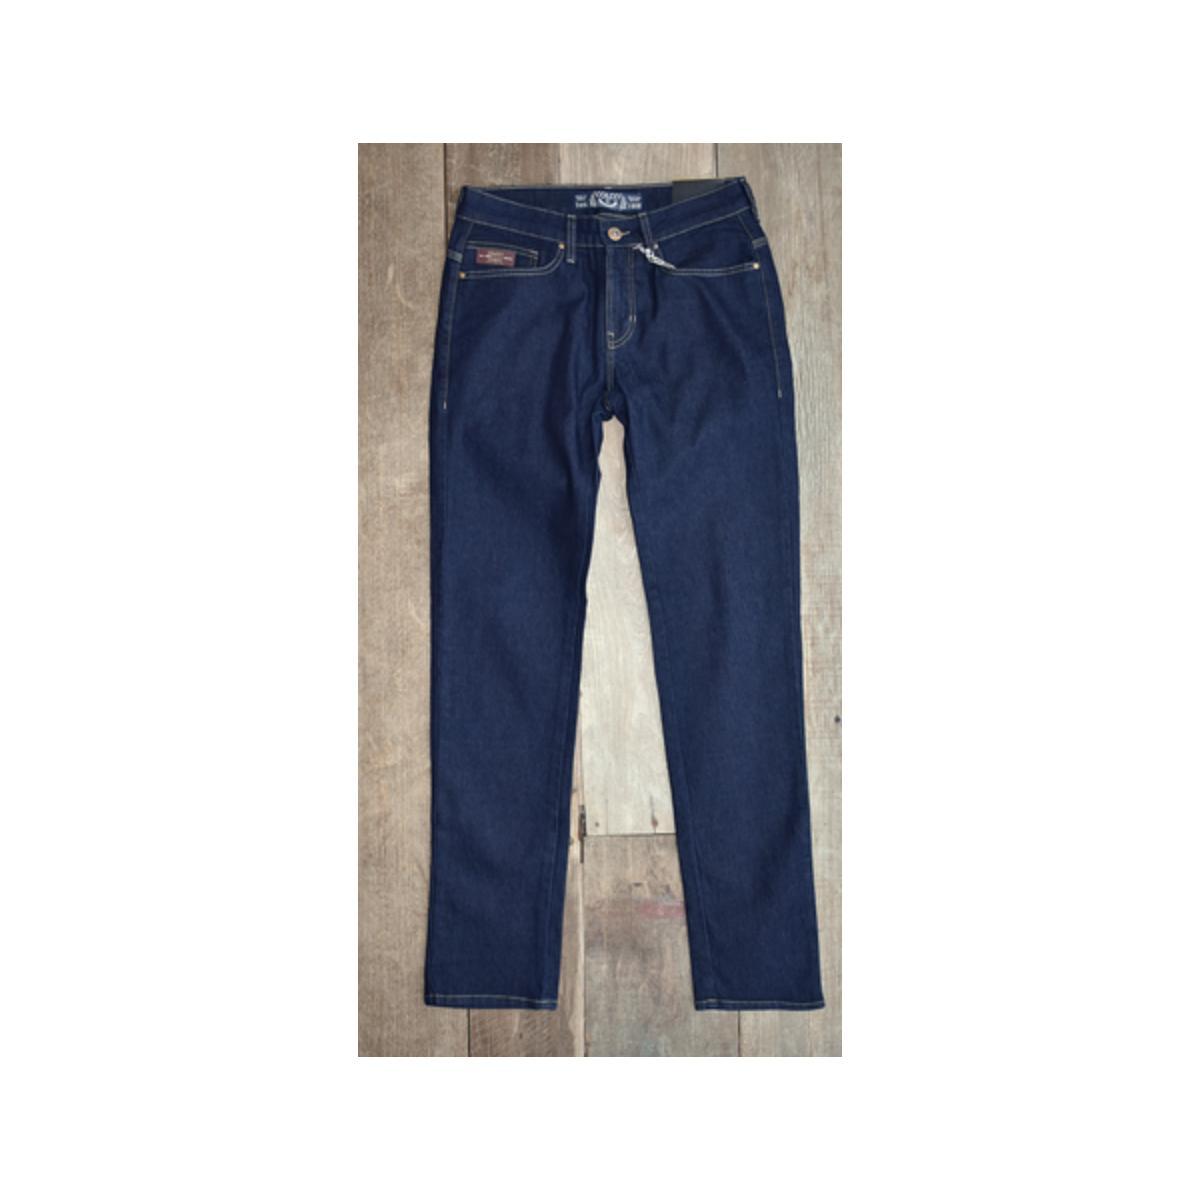 Calça Masculina Colcci 10105367 600 Jeans